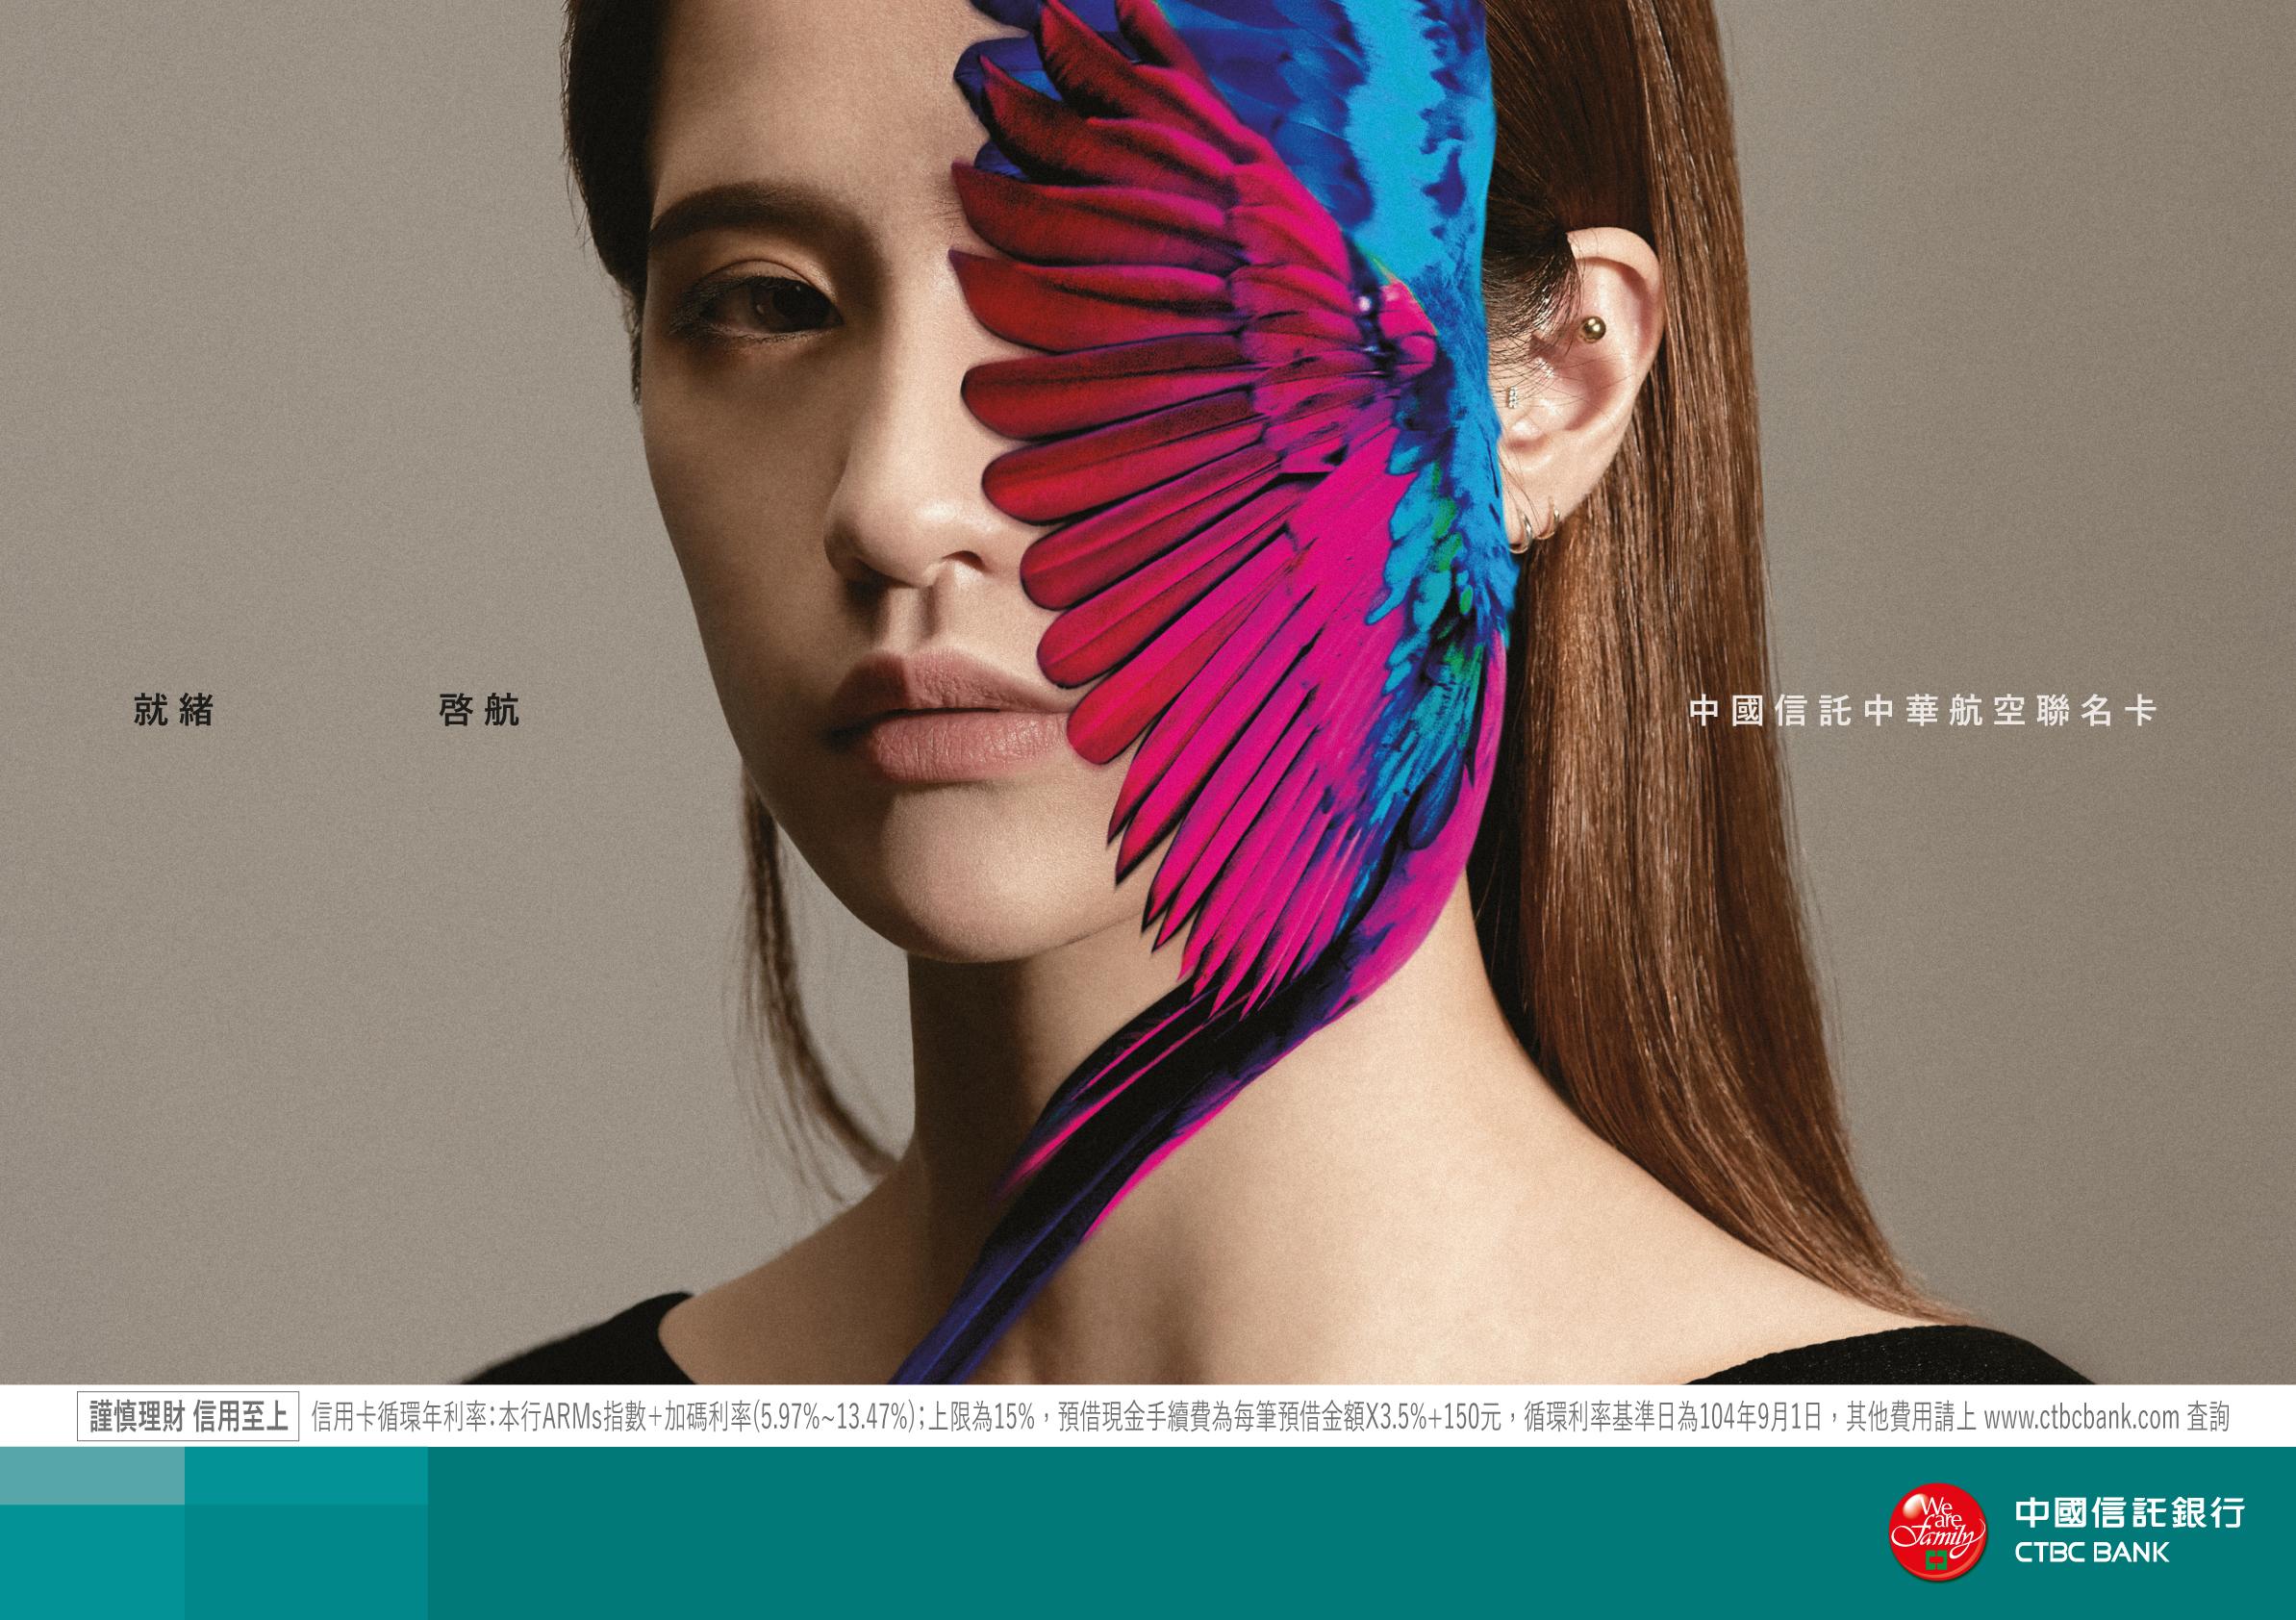 bird-kv-poster-01